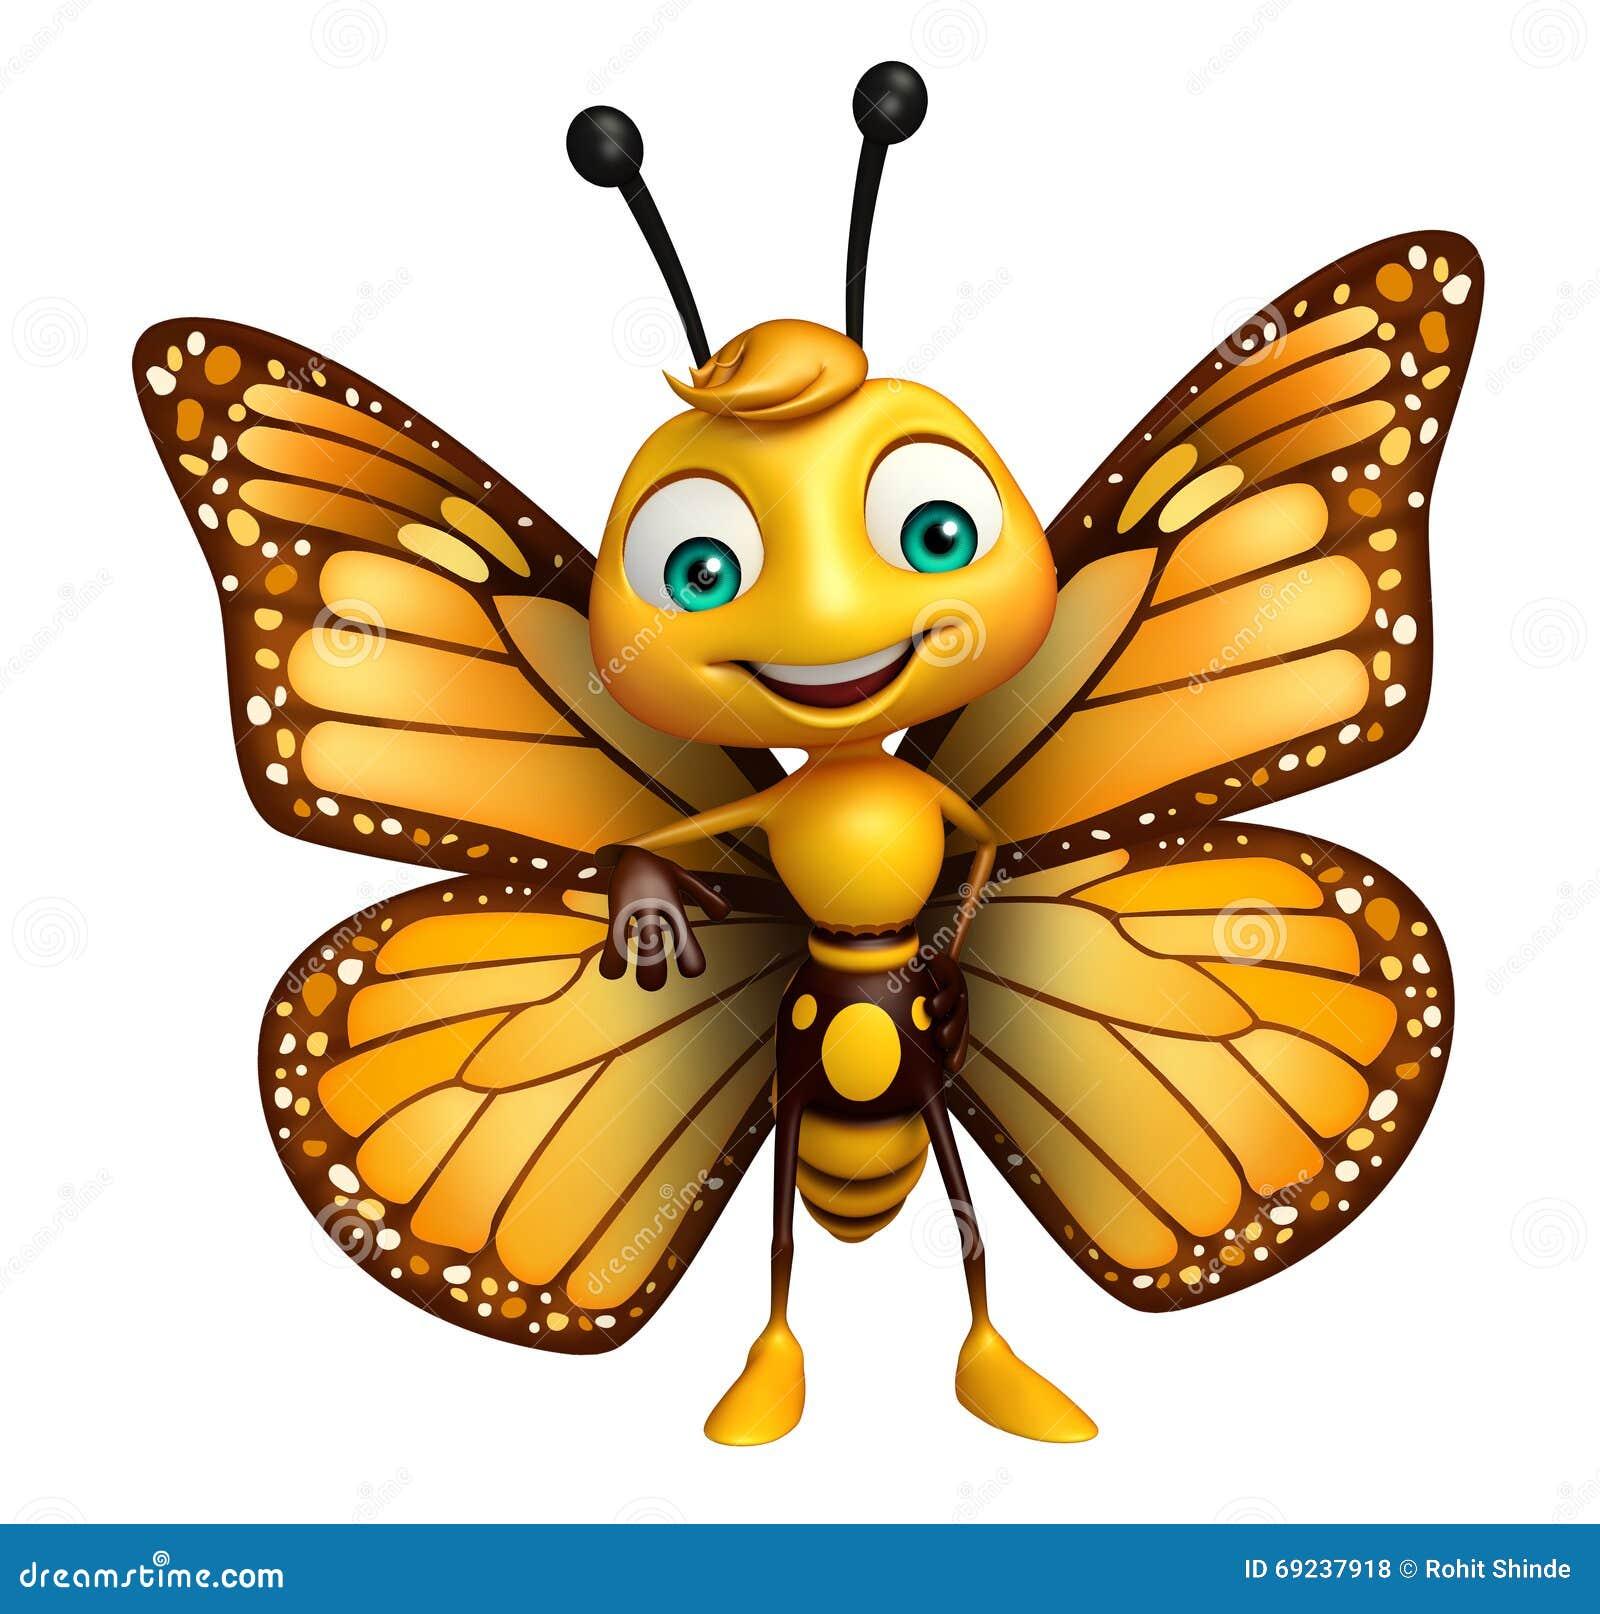 personnage de dessin anim drle de papillon insecte normal - Papillon Dessin